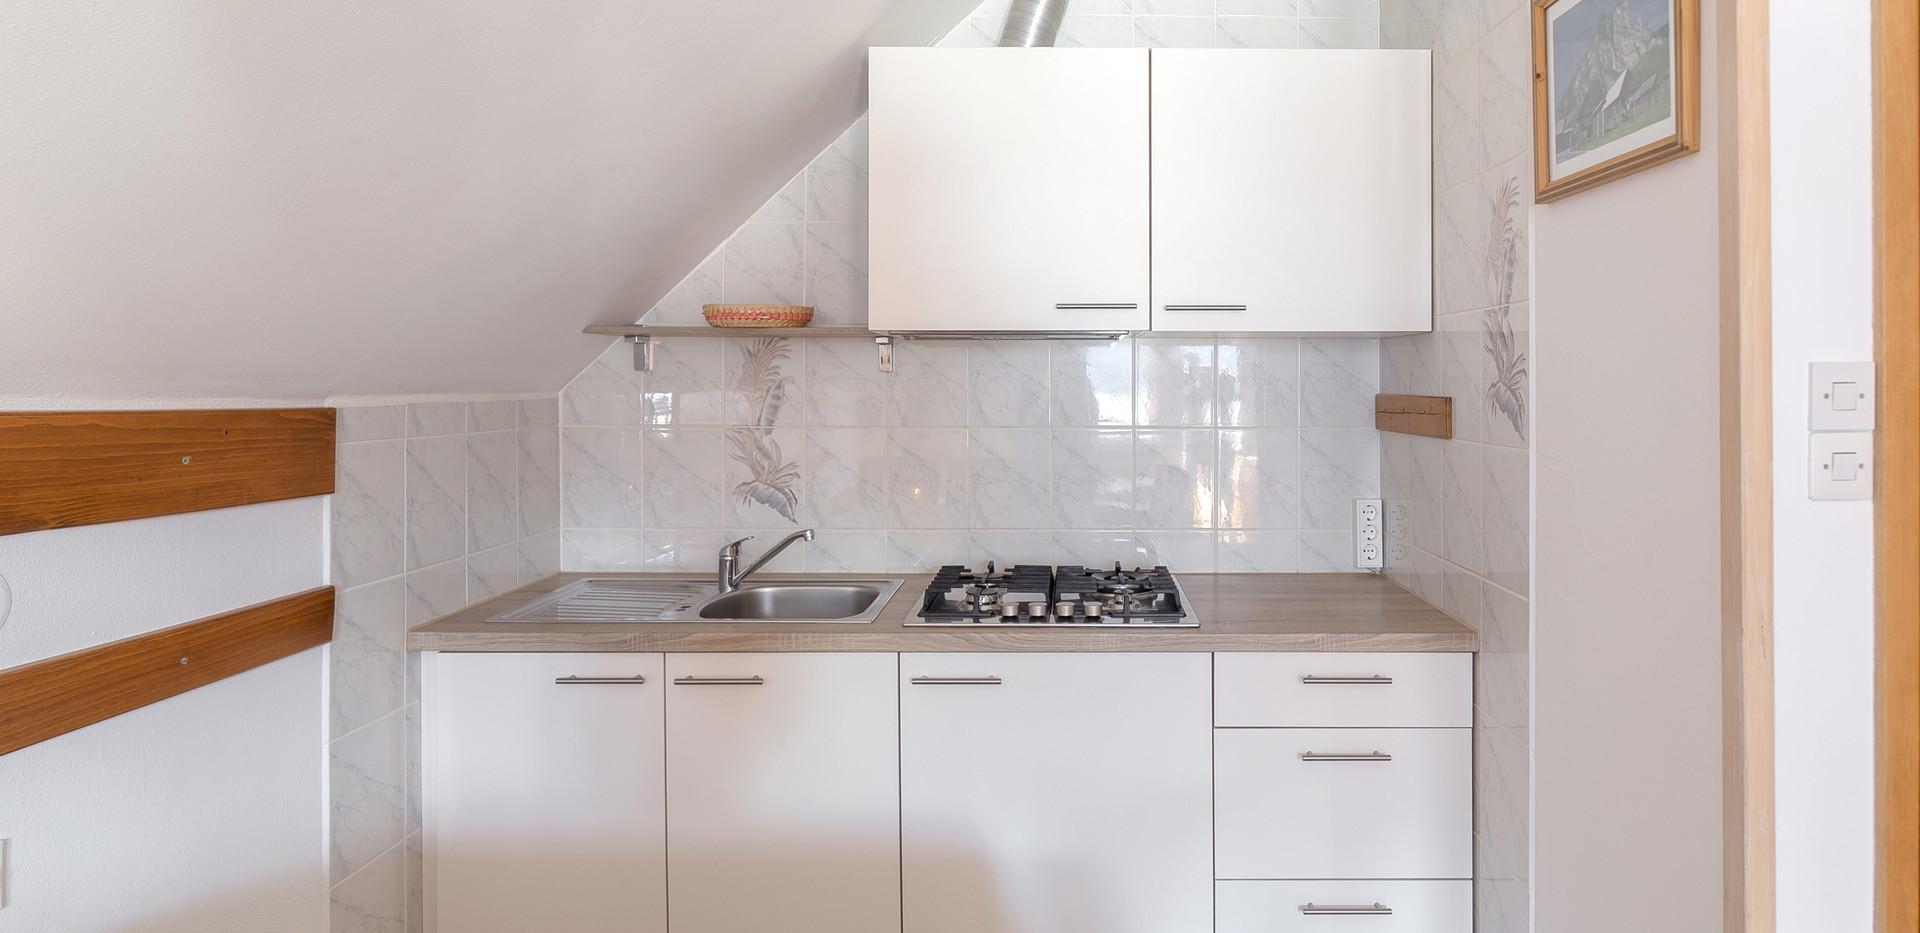 C-301-kitchen_2174.jpg